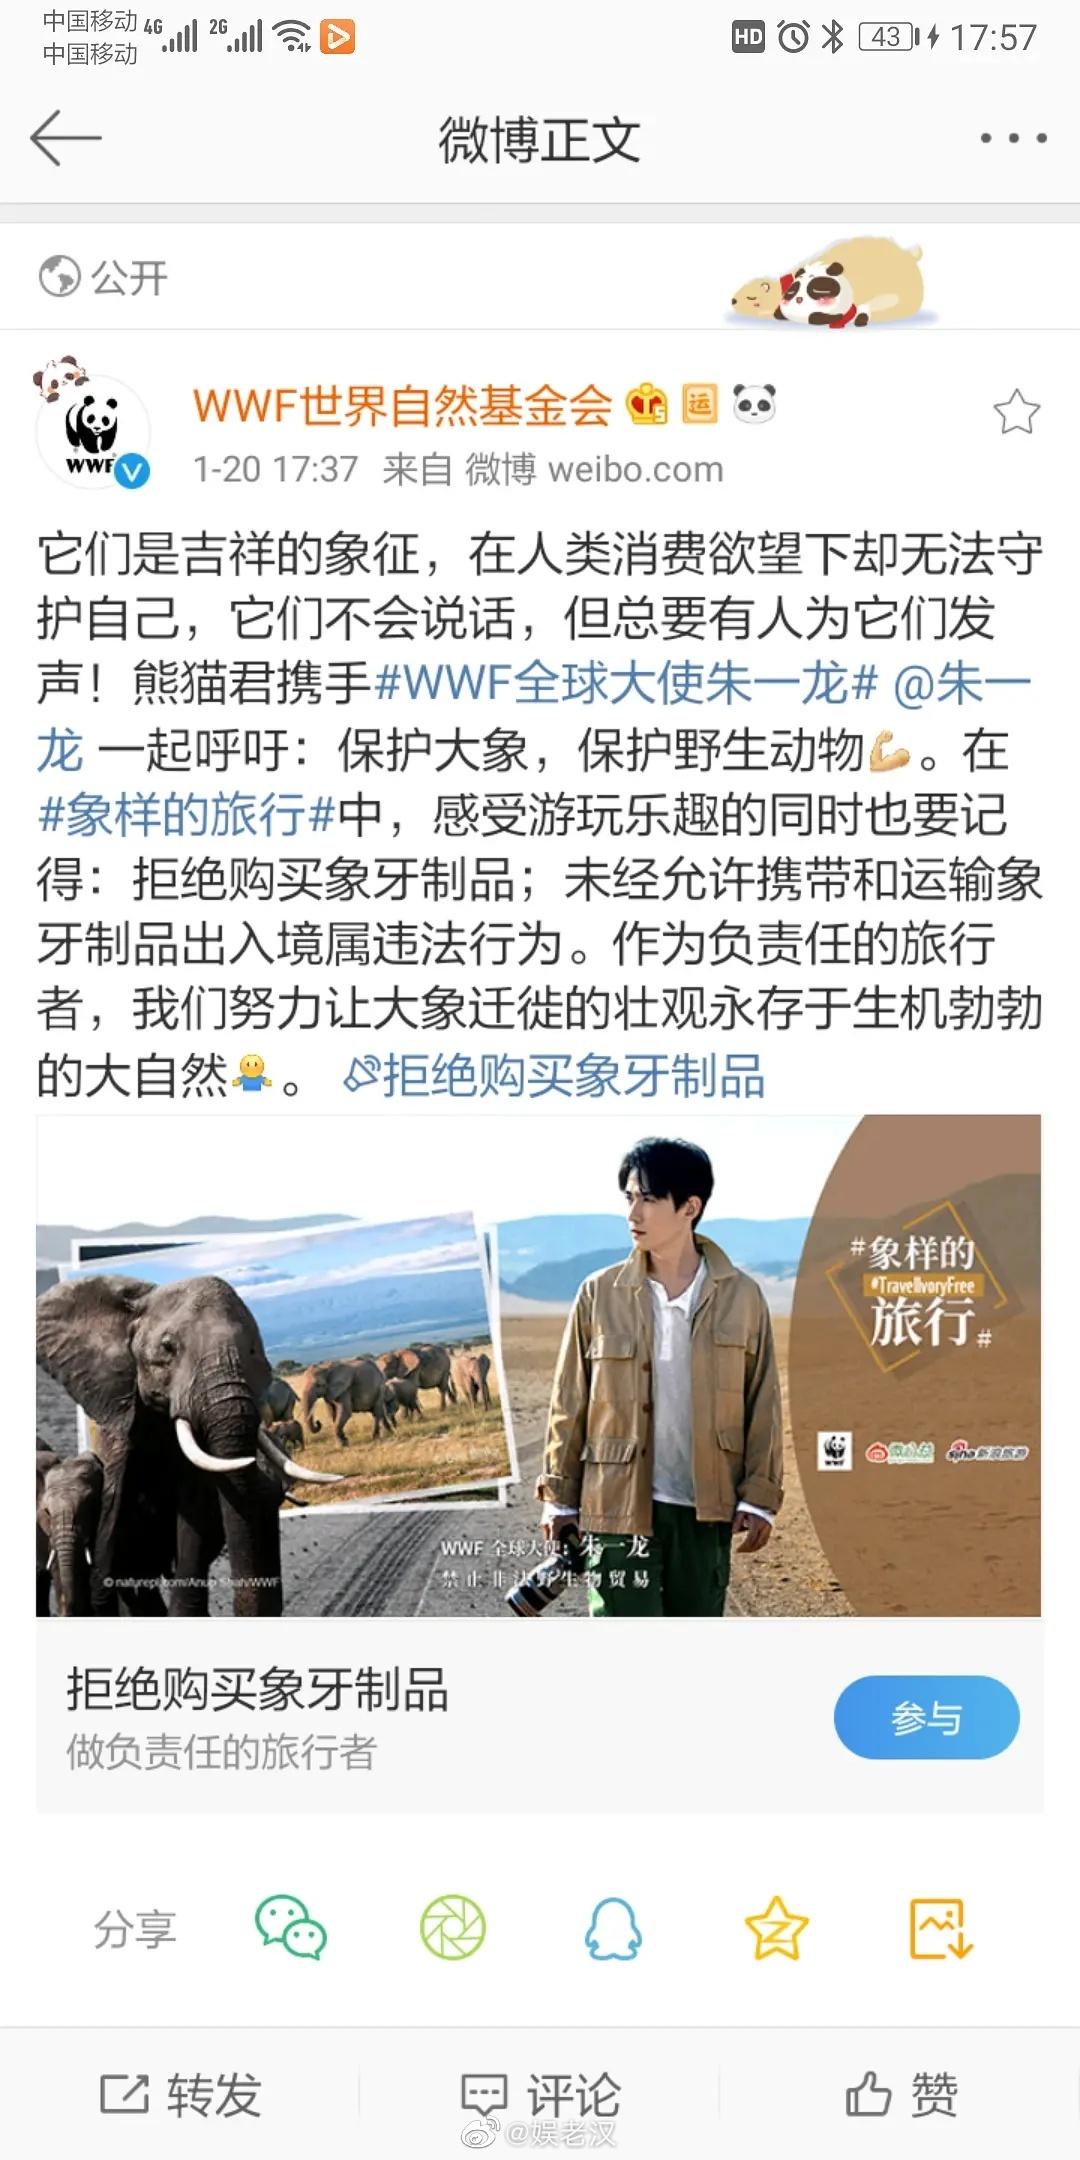 朱一龙WWF保护大象活动,和拢龙一起来做公益吧!